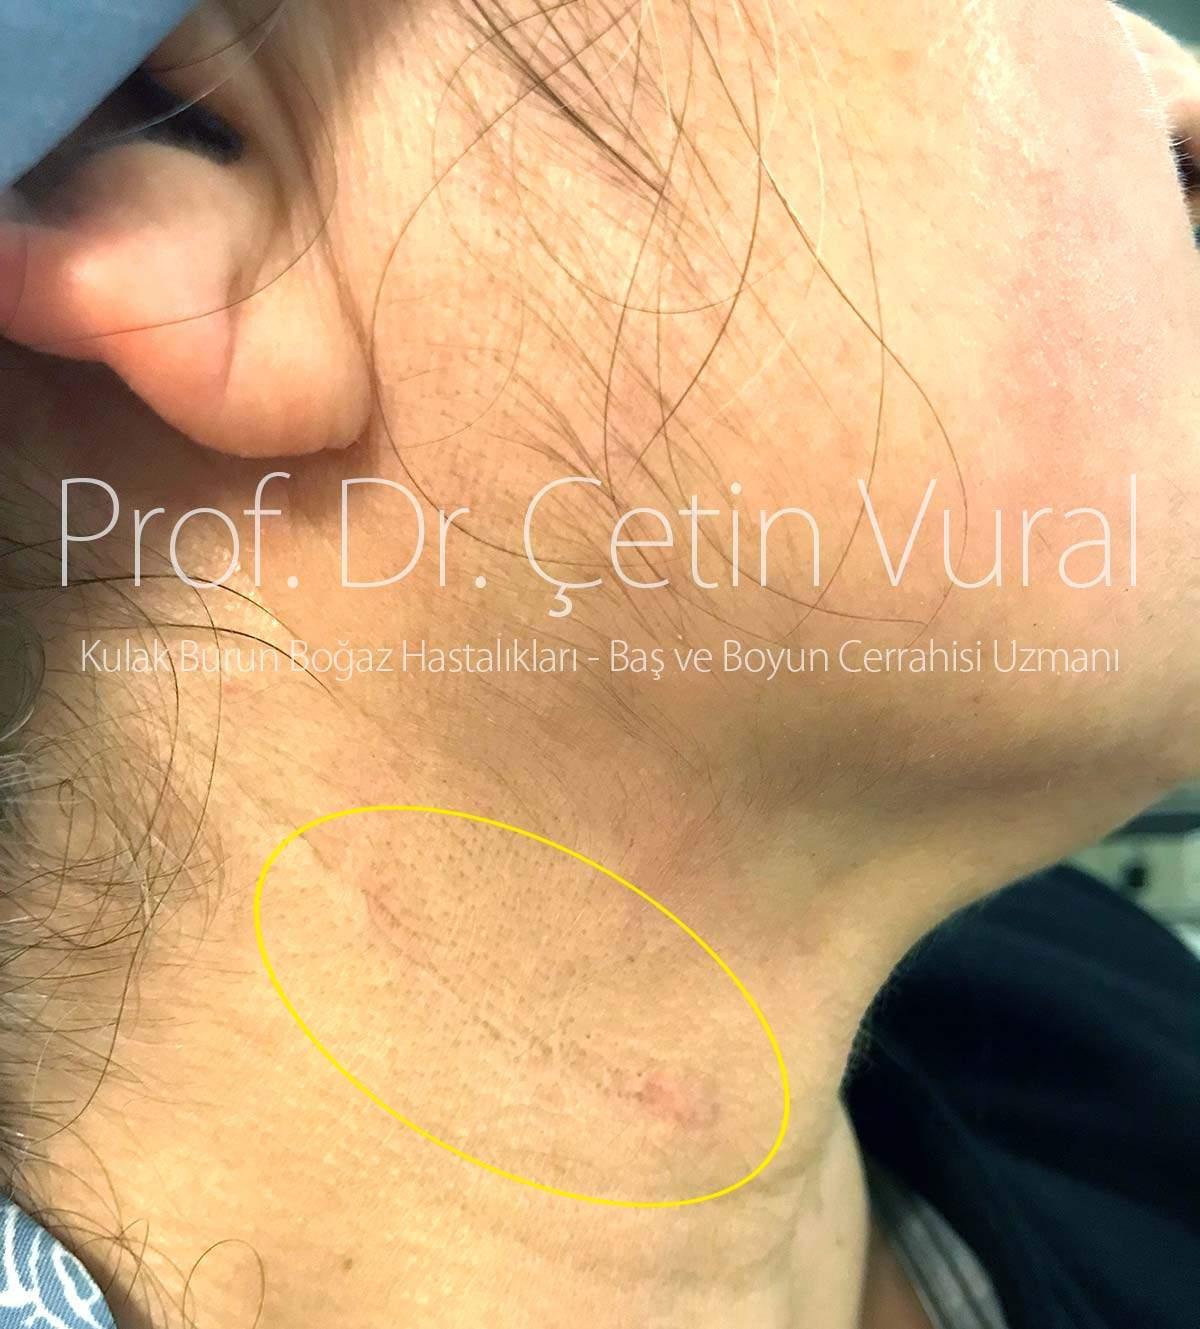 Glomus Ameliyatı Sonrası Birinci Yıl - Prof. Dr. Çetin Vural